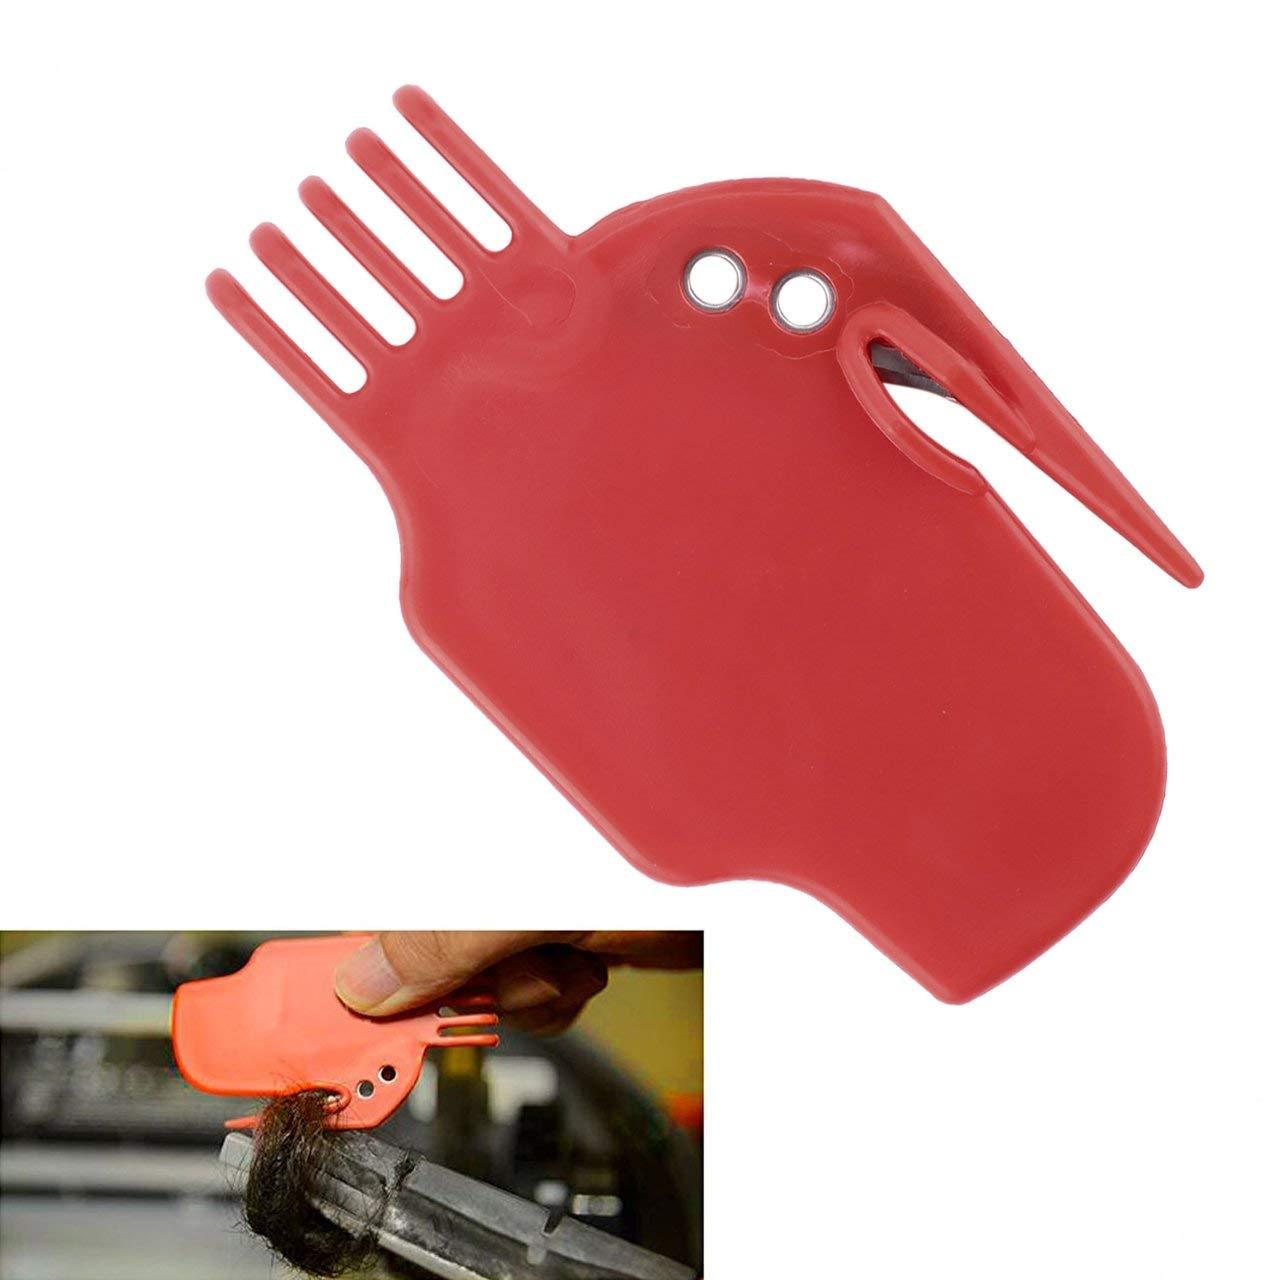 Raspador de pel/ícula Cepillo Plano Peine Herramienta de Limpieza Robot de Barrido Suministros Aspiradora Accesorios Reemplazar Piezas para Roomba ESjasnyfall Rojo